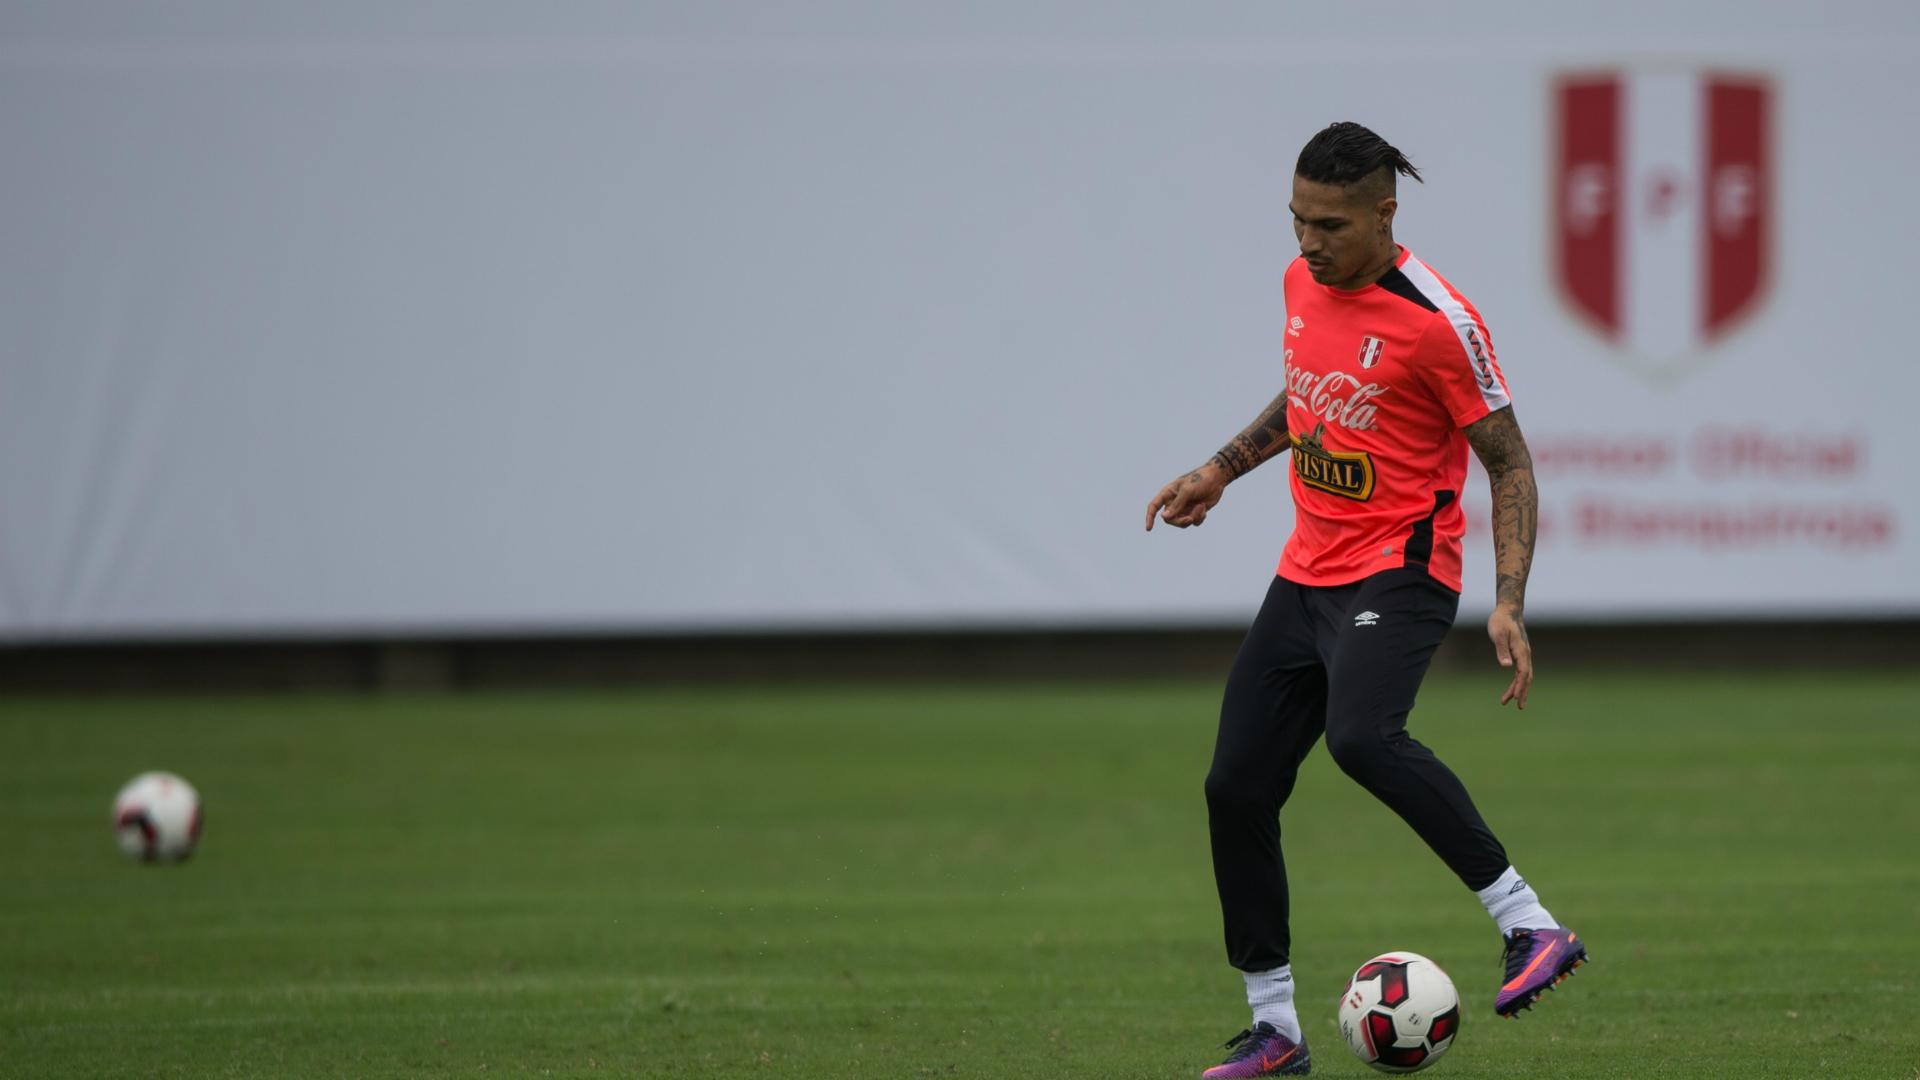 Paolo Guerrero podrá entrenar como futbolista desde el 5 de marzo